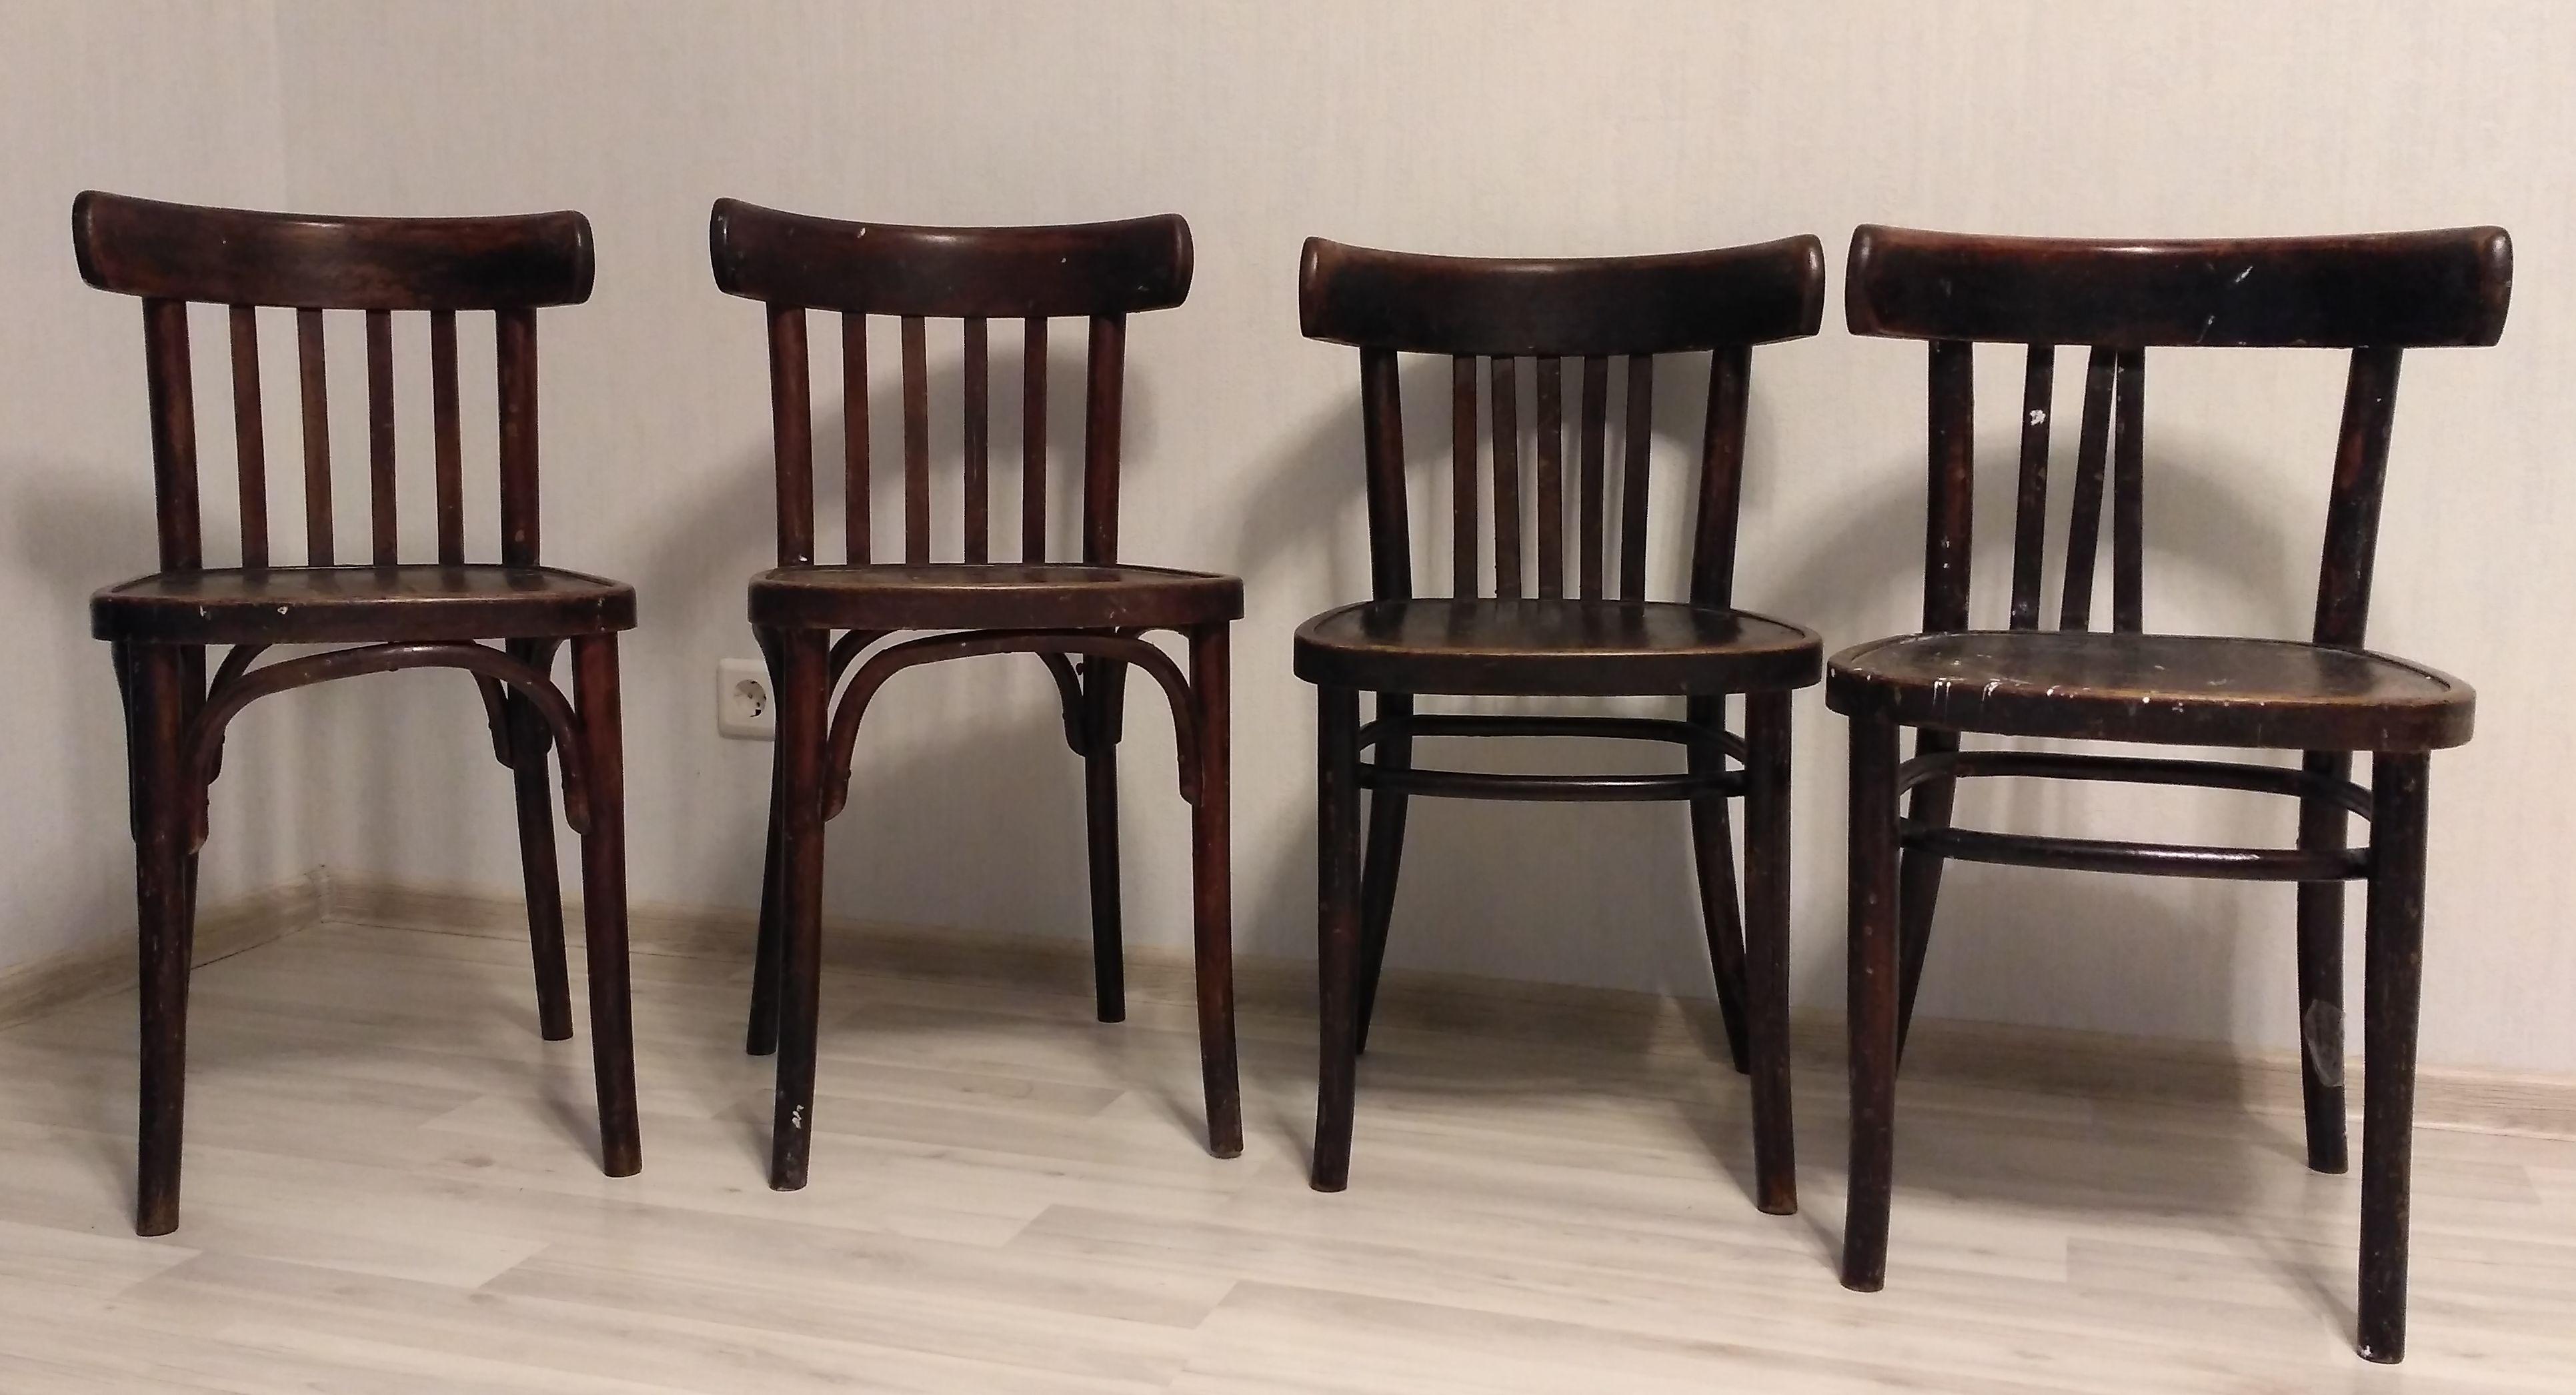 Изготовление стульев из дерева на заказ в Екатеринбурге - столярная мастерская Treelogia